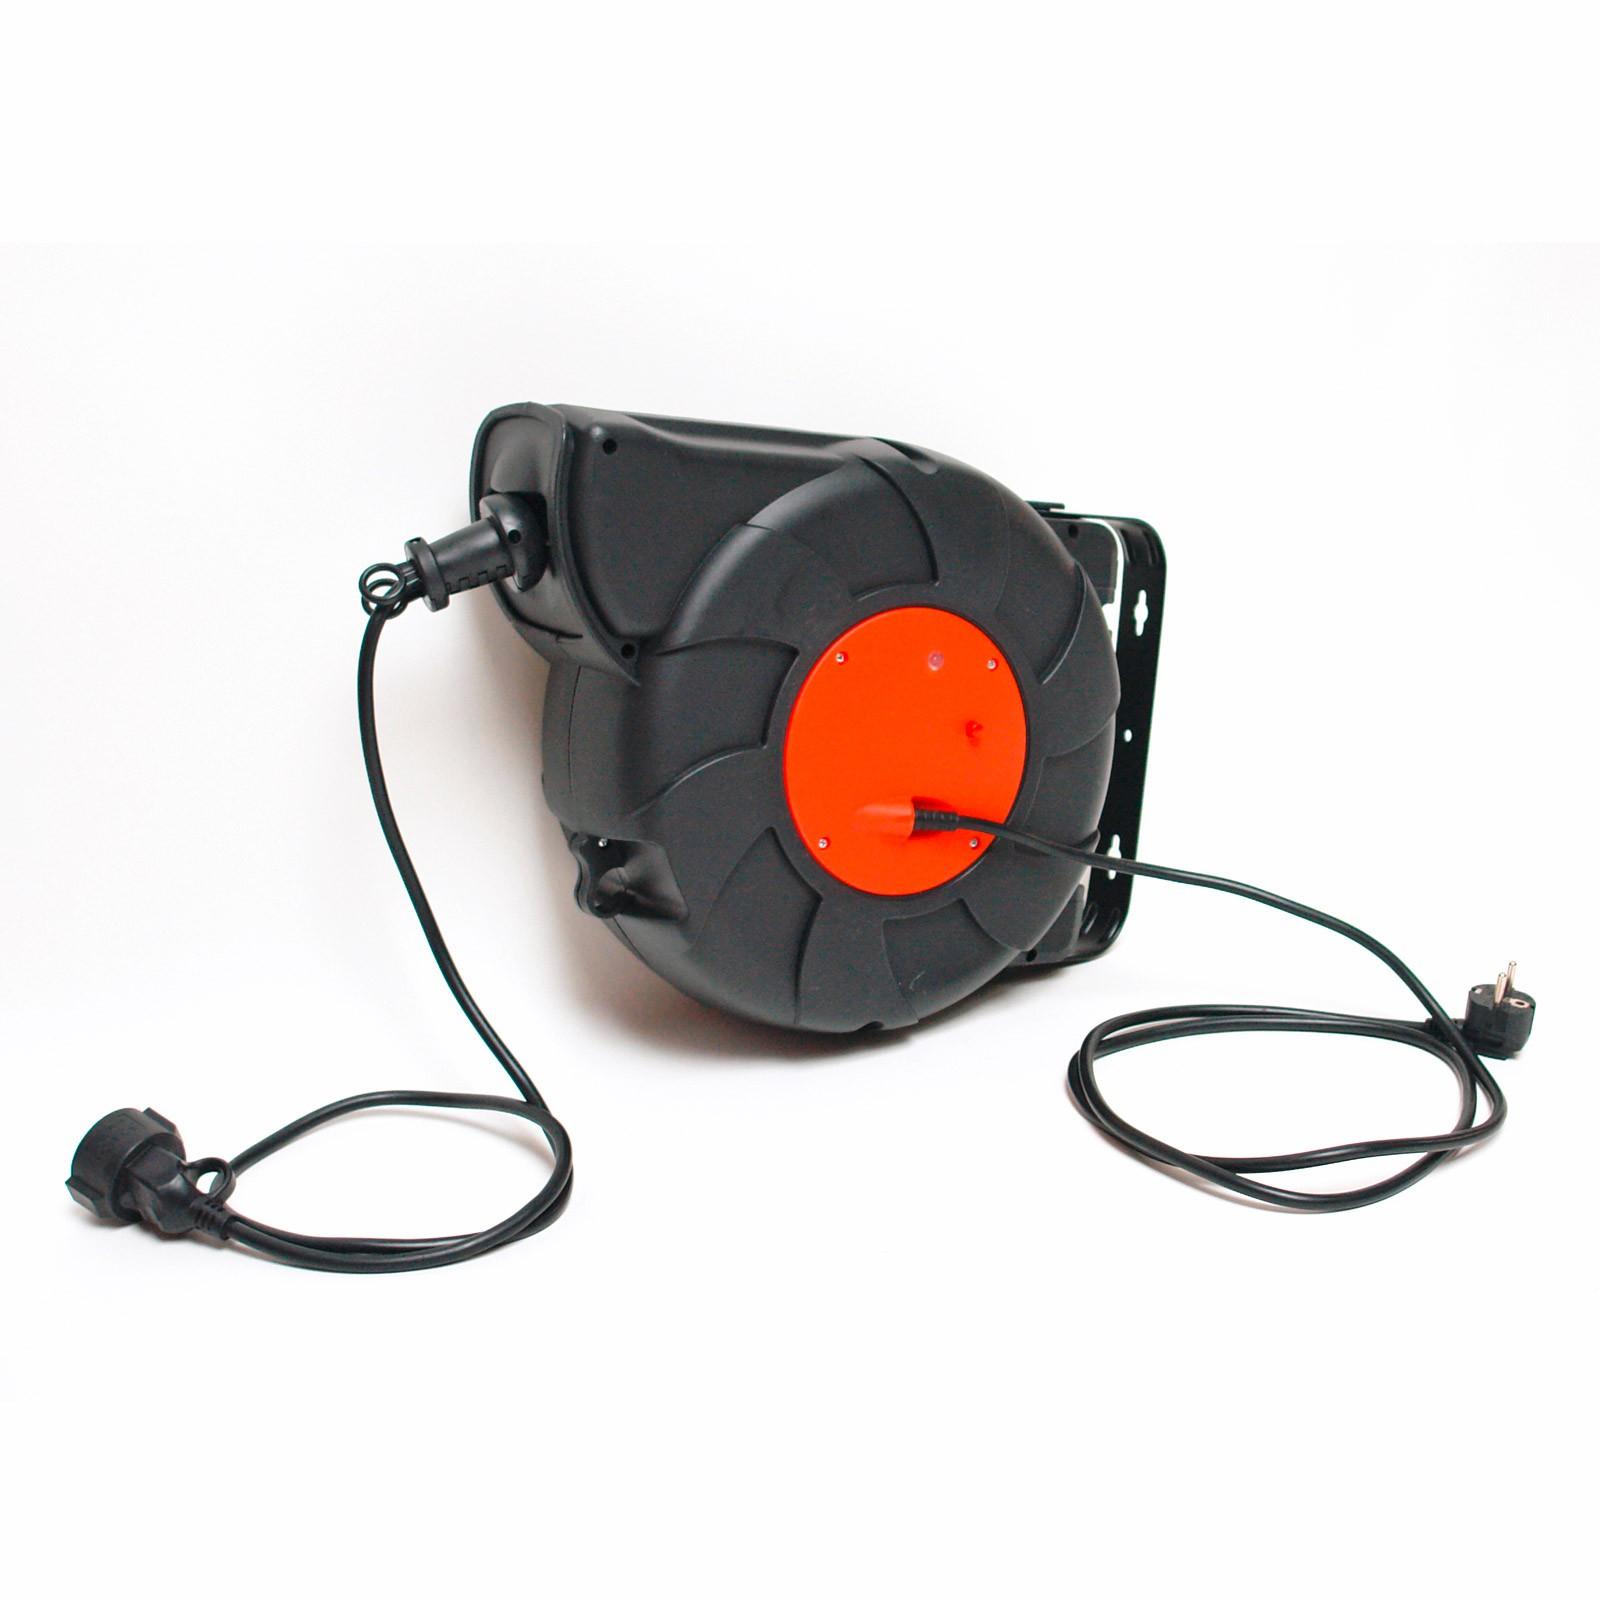 automatik kabeltrommel kabelaufroller verl ngerungskabel kabelrolle kabelbox 24m ebay. Black Bedroom Furniture Sets. Home Design Ideas